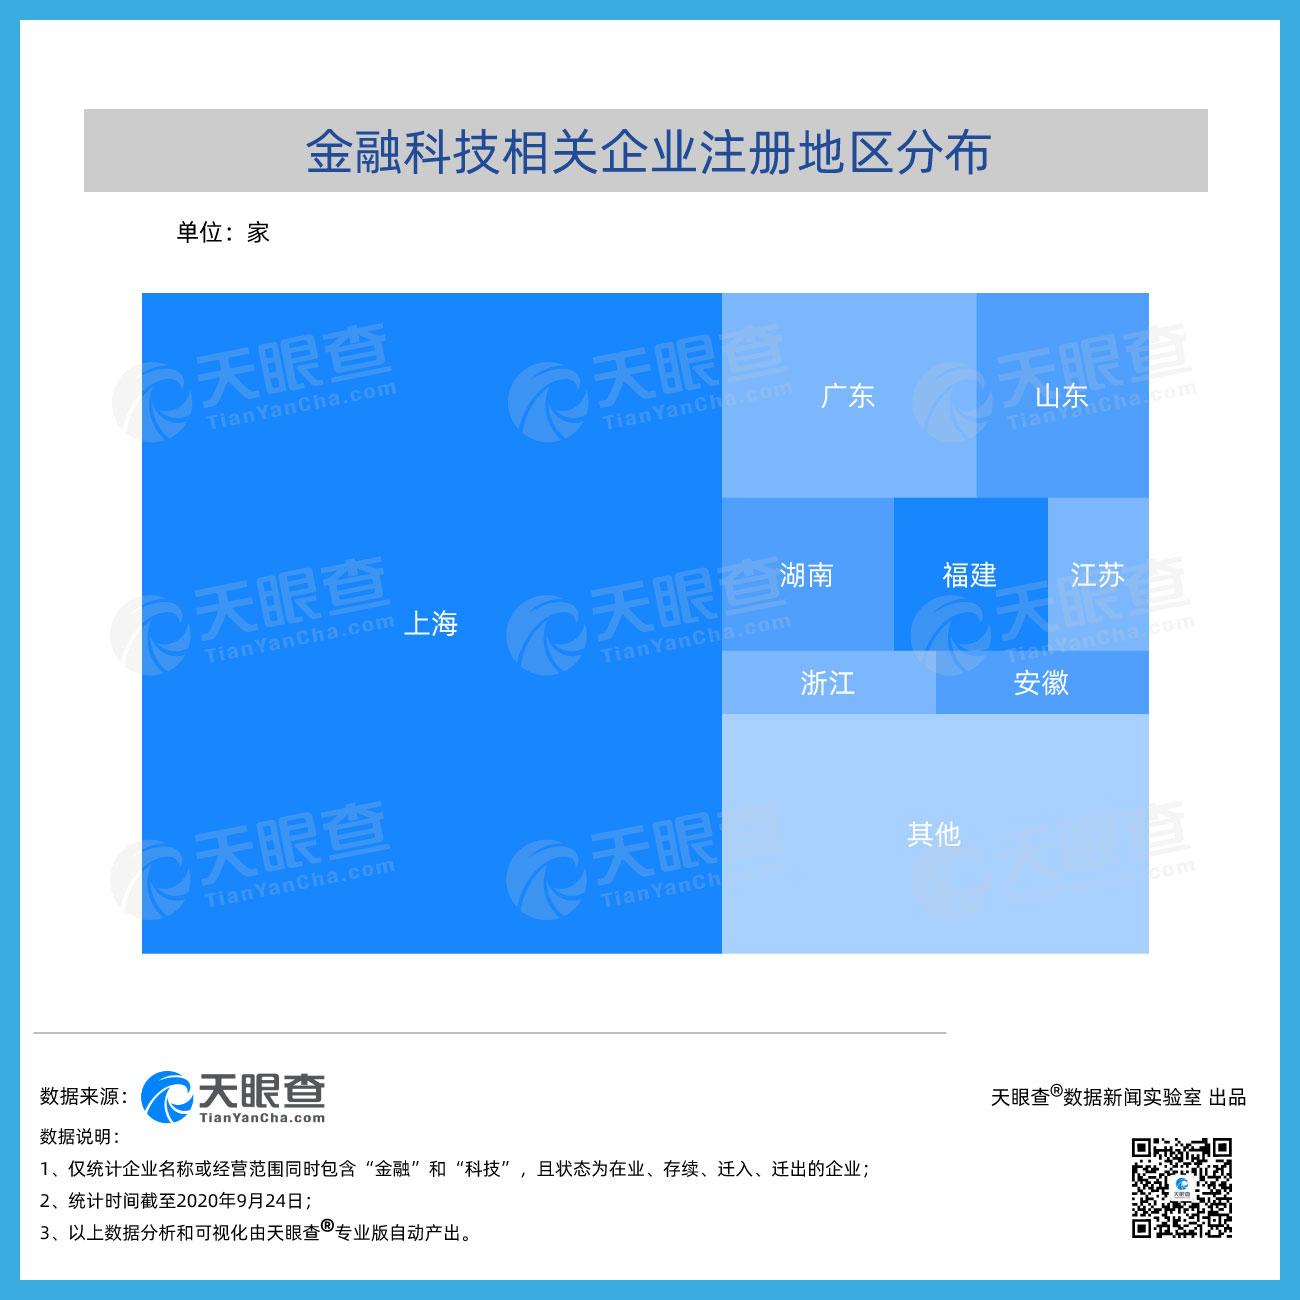 微信图片_20200924142828.jpg